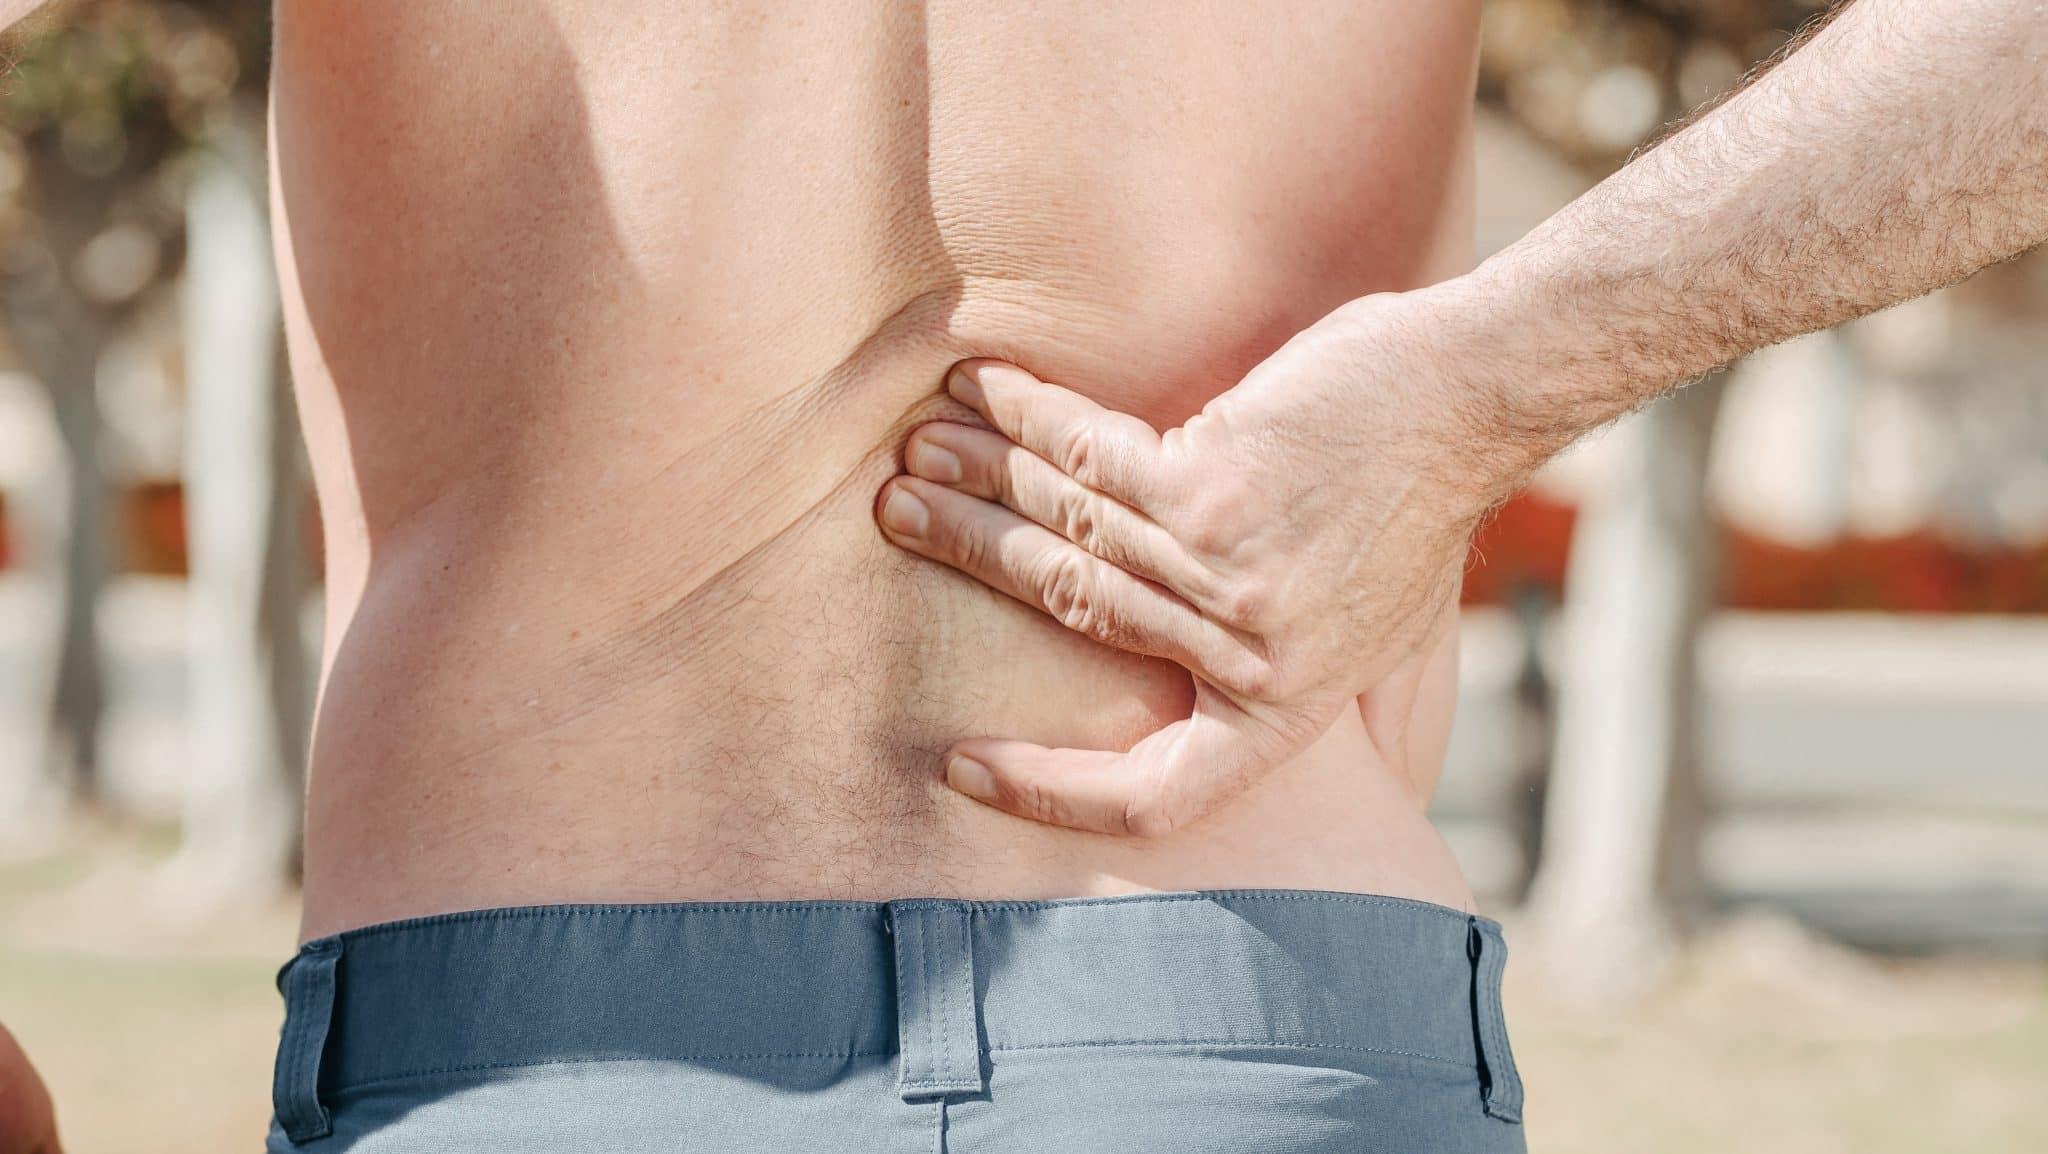 Schmorlovy uzly: Co to je, příznaky, léčba, cviky, operace 1